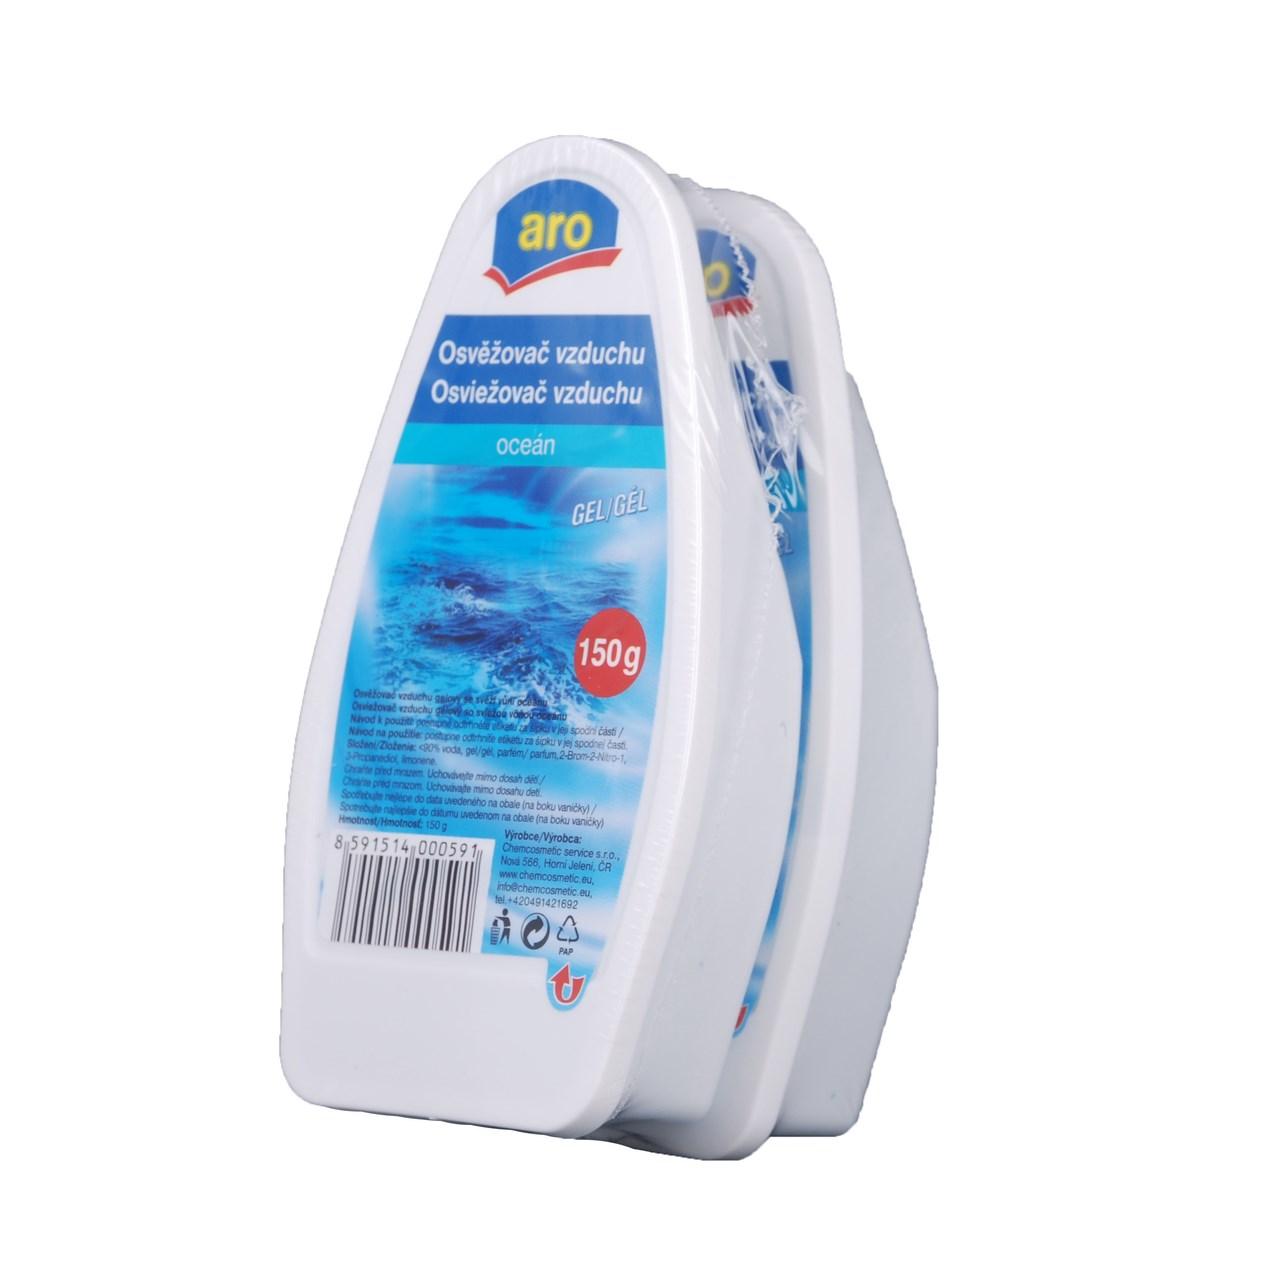 ARO gél oceán osviežovač vzduchu 2x150 g